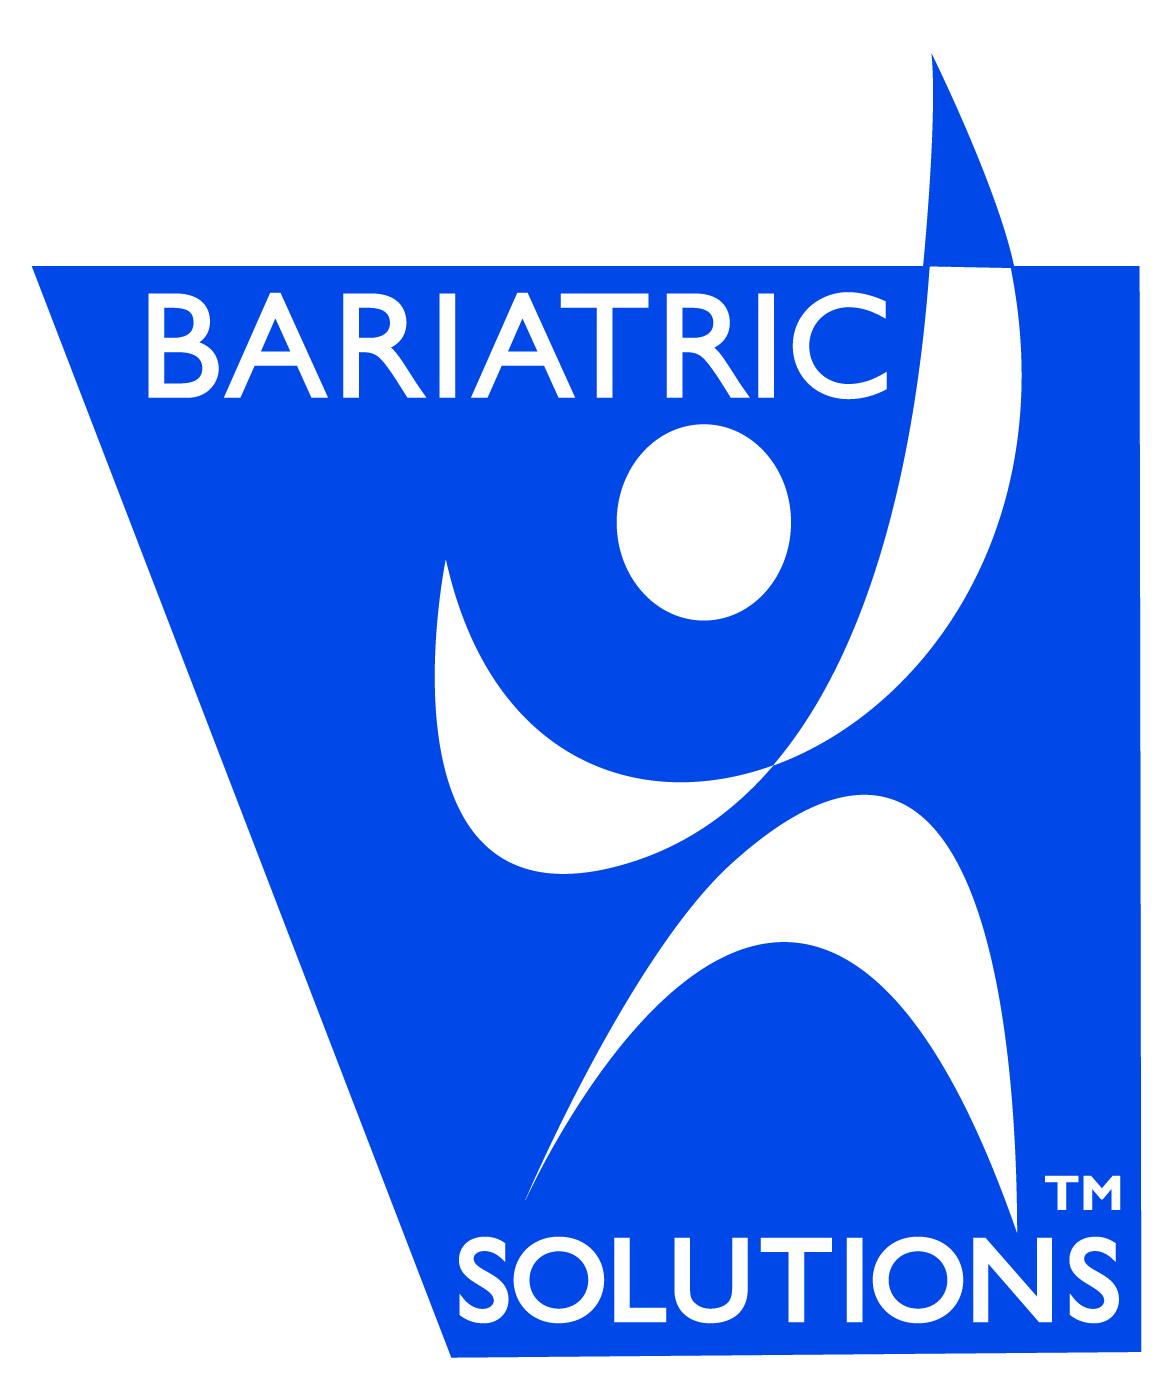 Bariatric_logo-JPG_H.jpg